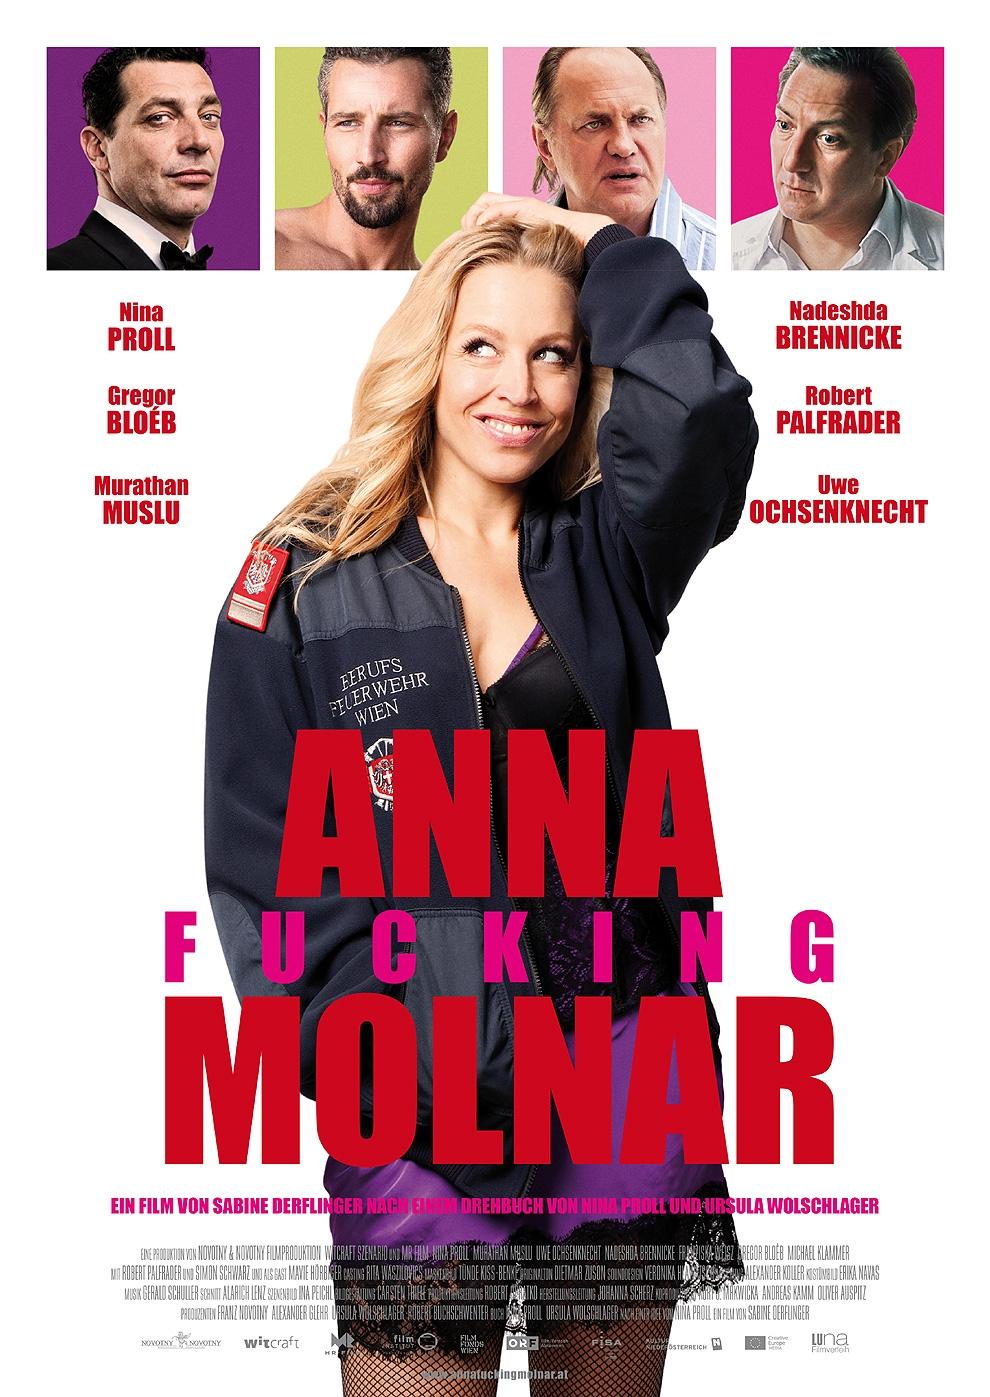 Anna Fucking Molnar (Poster)